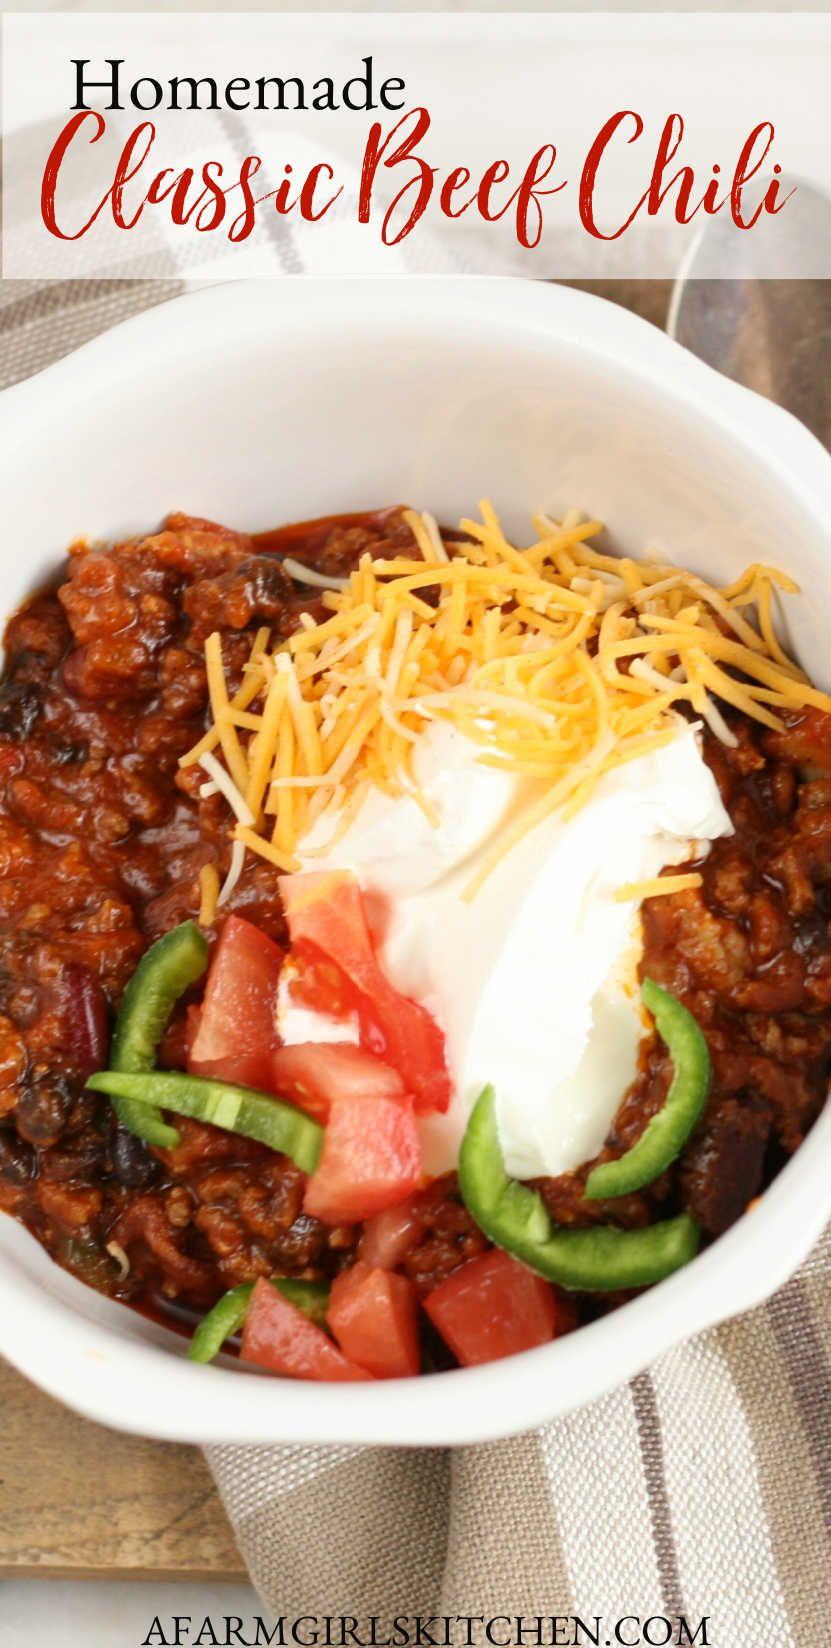 Homemade Classic Beef Chili Recipe Beef Chili Recipe Classic Chili Recipe Traditional Chili Recipe